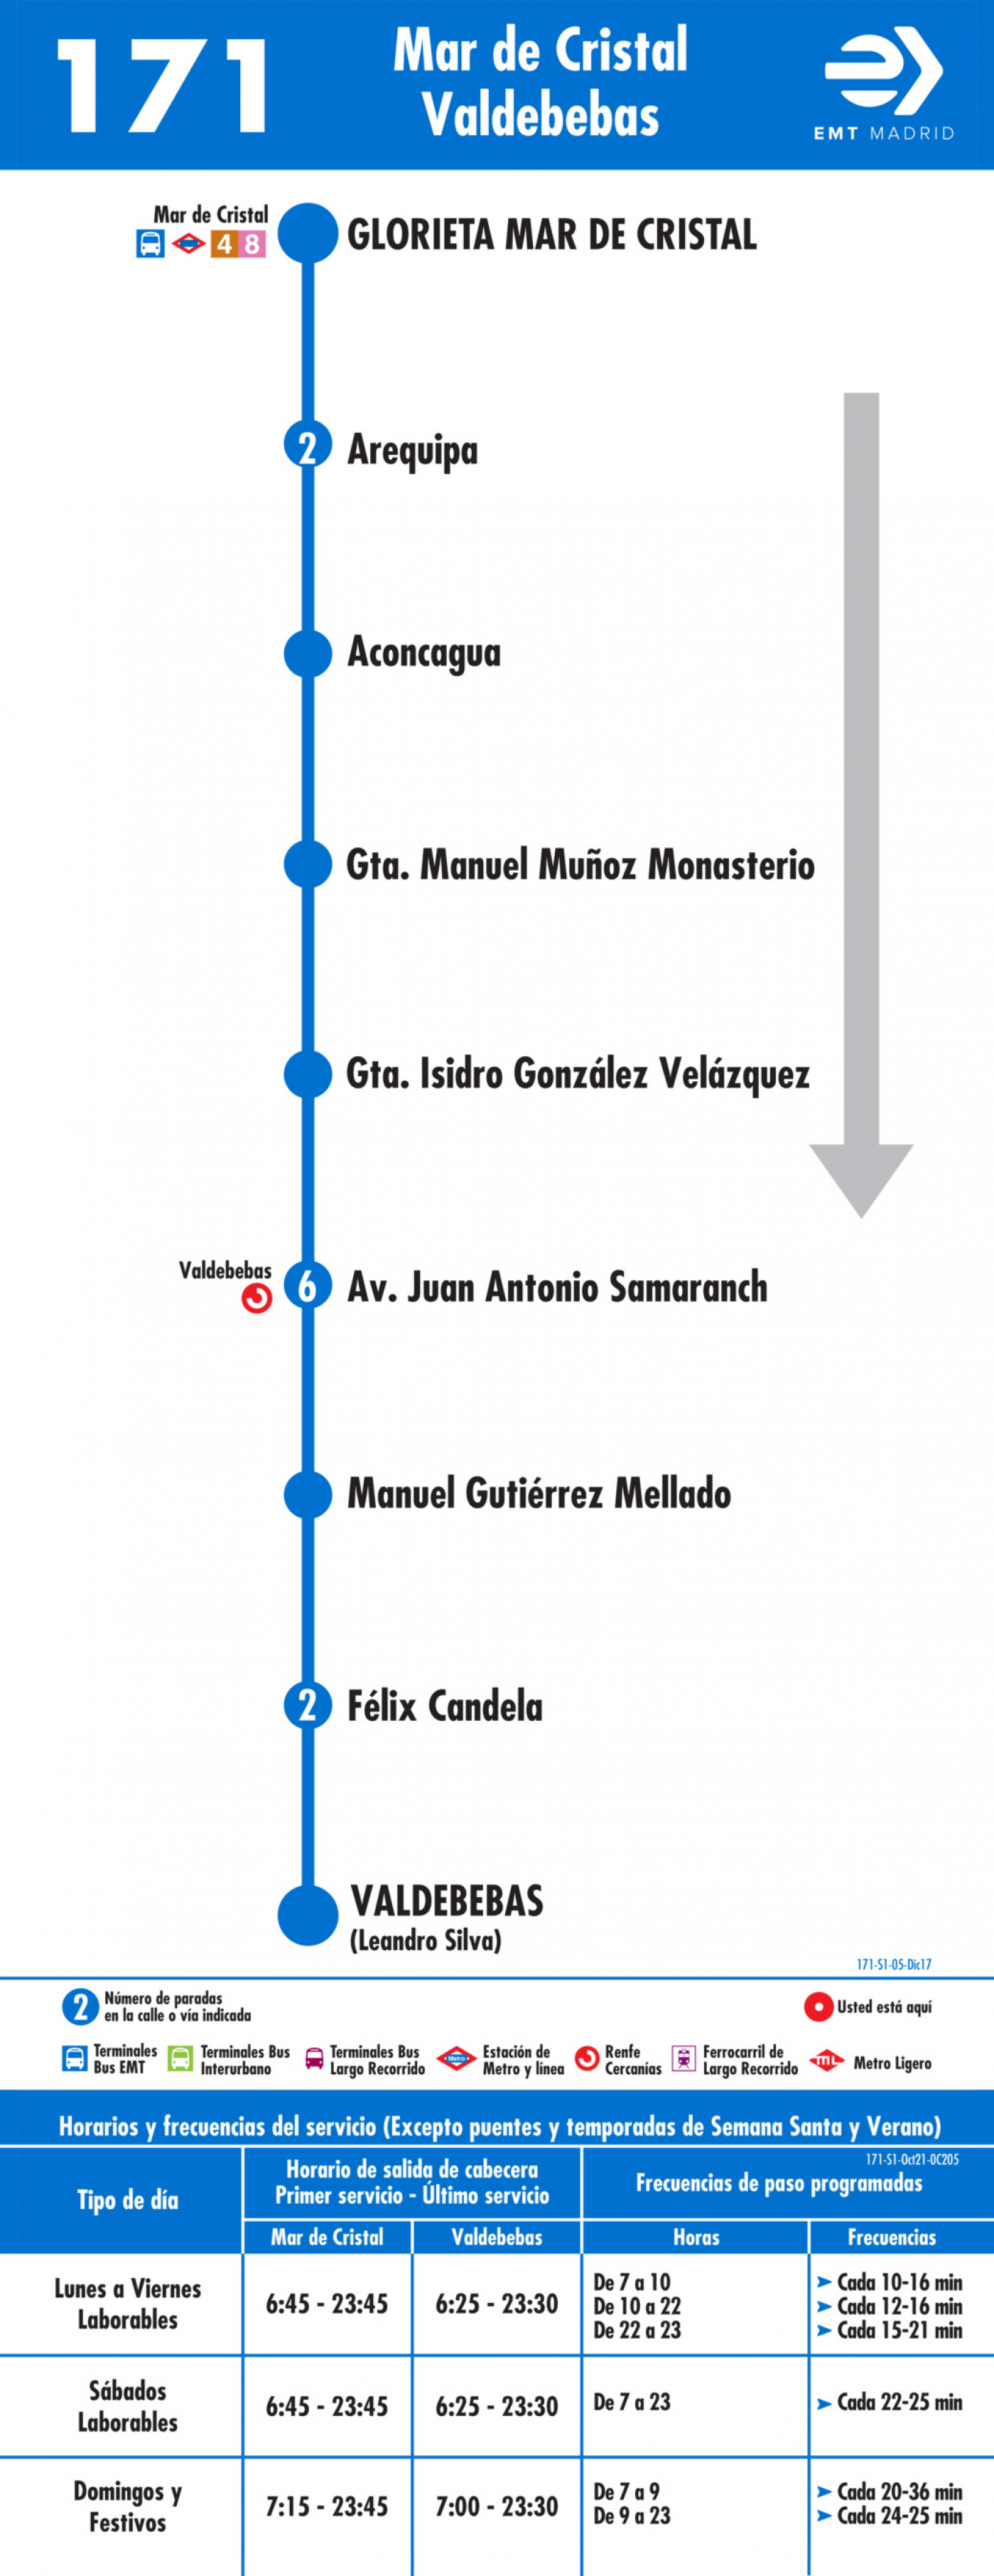 Tabla de horarios y frecuencias de paso en sentido ida Línea 171: Mar de Cristal - Valdebebas